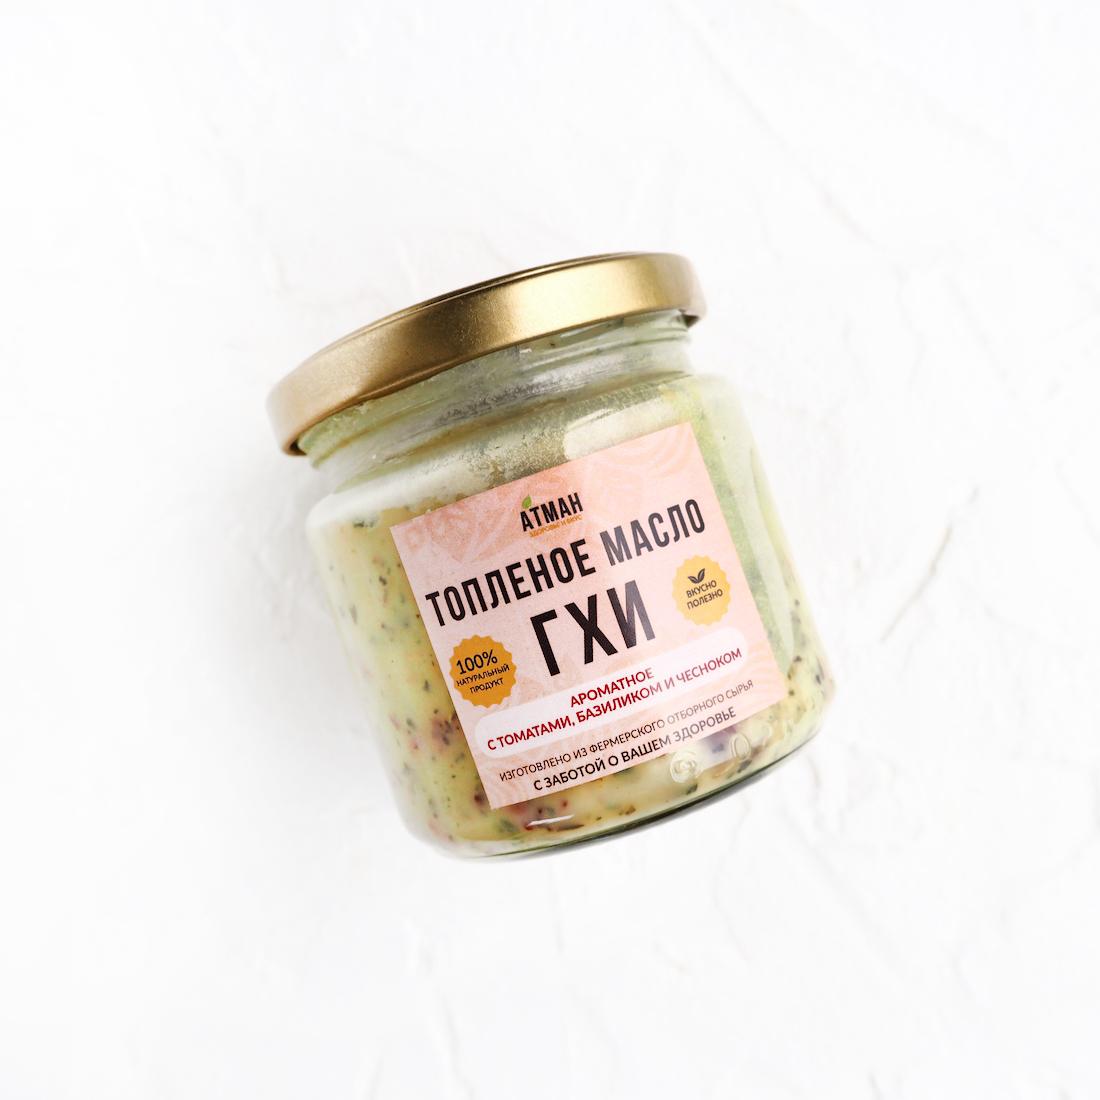 Топлёное масло ГХИ с томатами, базиликом и чесноком (150 г)